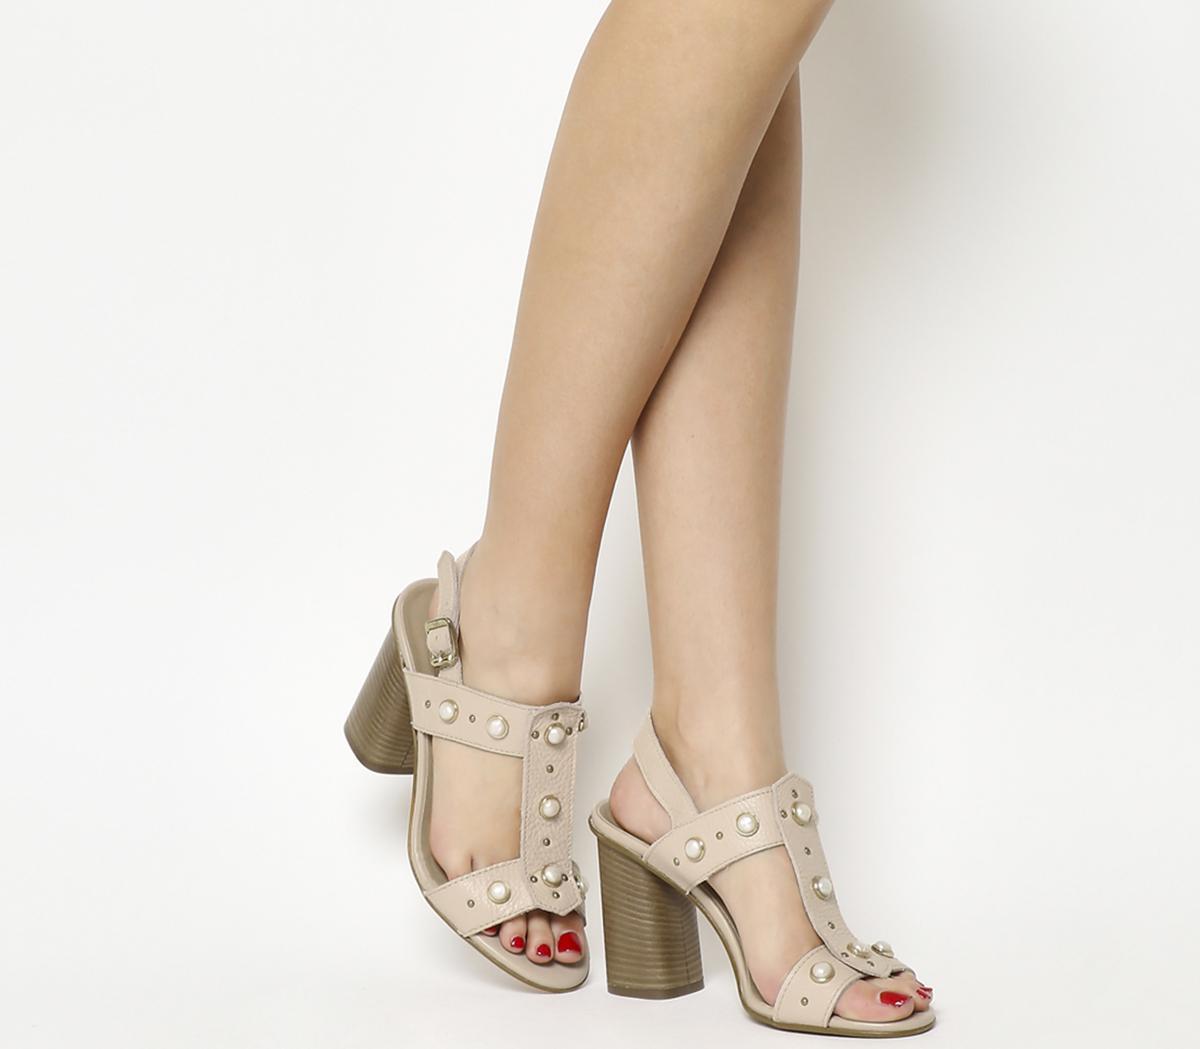 Hissy Pearl Trim Sandals